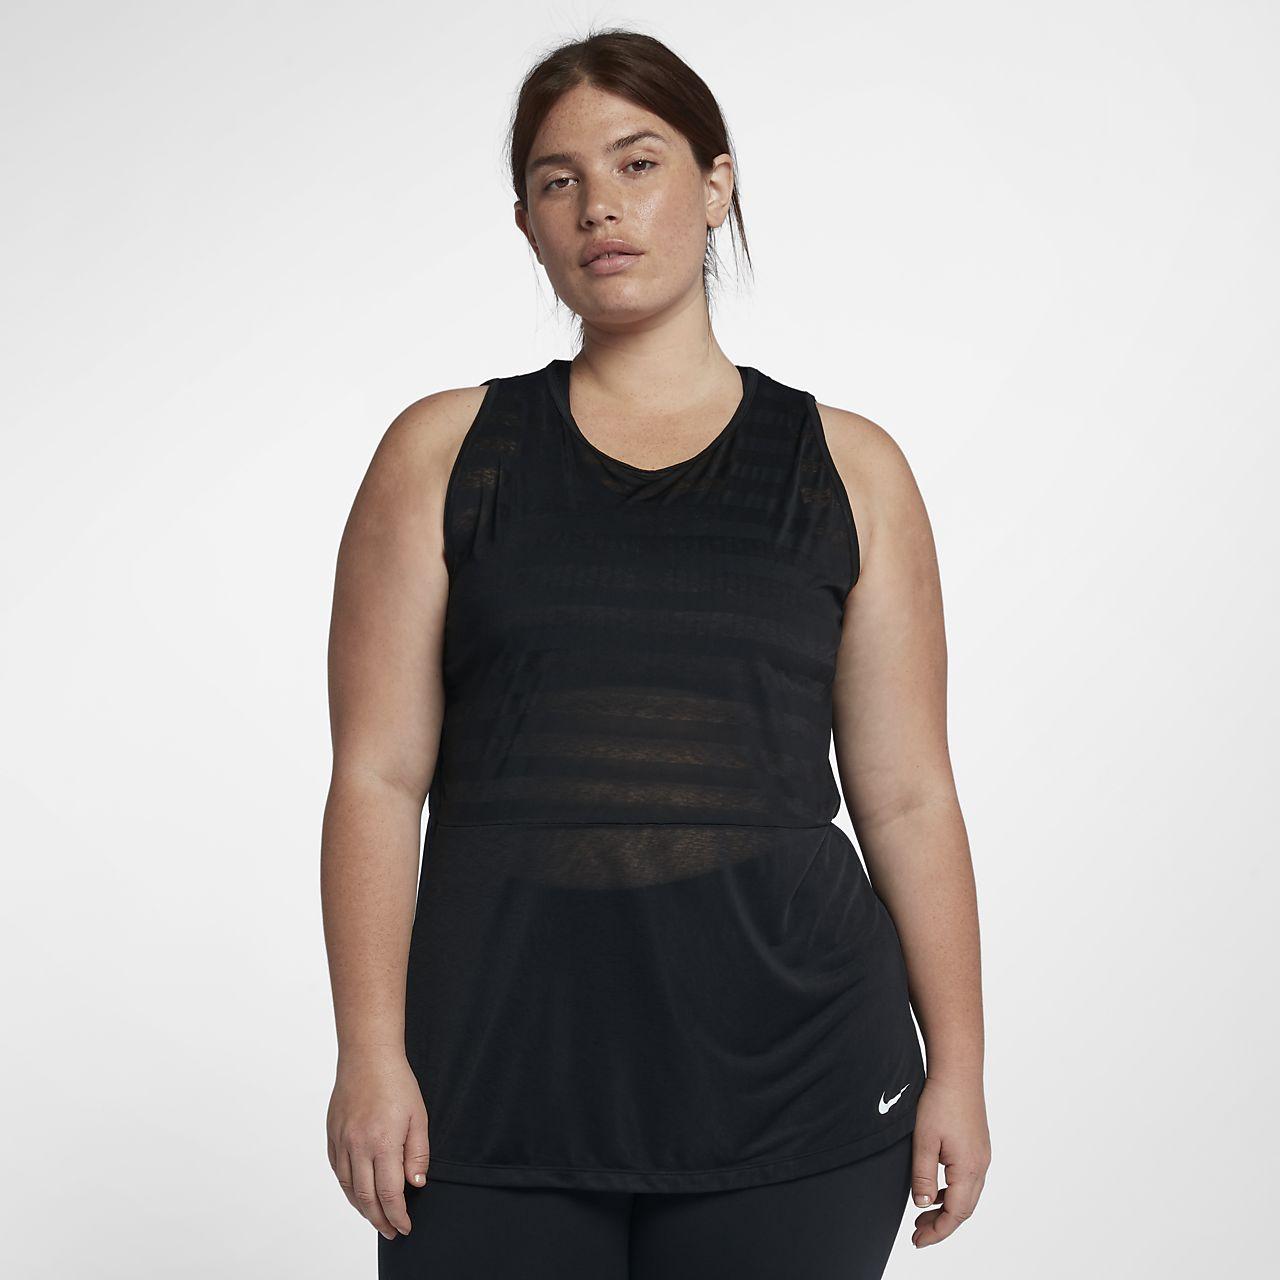 brand new ff4af dc102 ... Débardeur de training Nike Breathe pour Femme (grande taille)